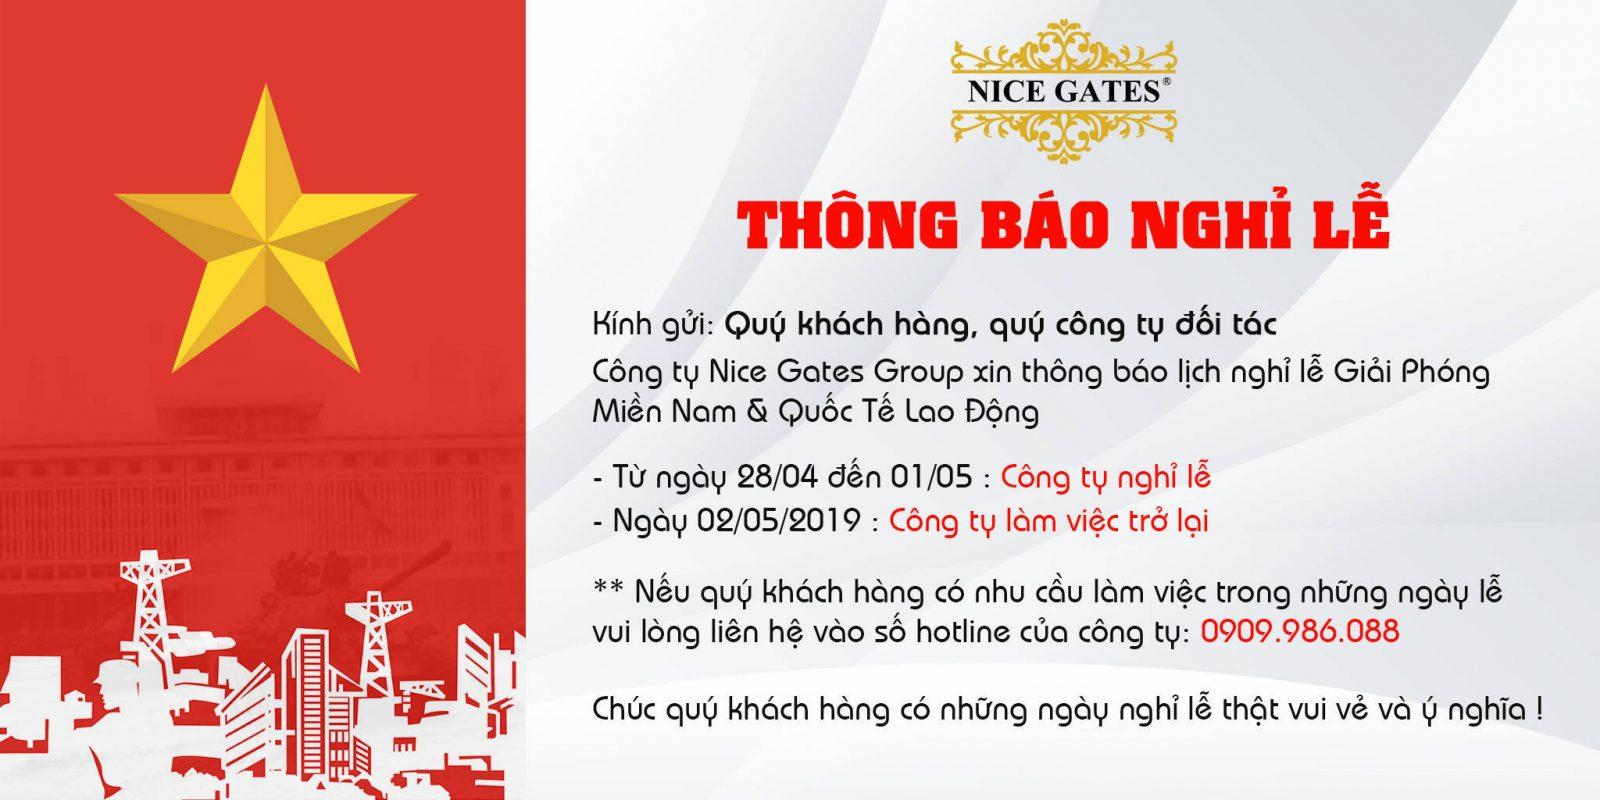 thong bao nghi le 30 4 2019